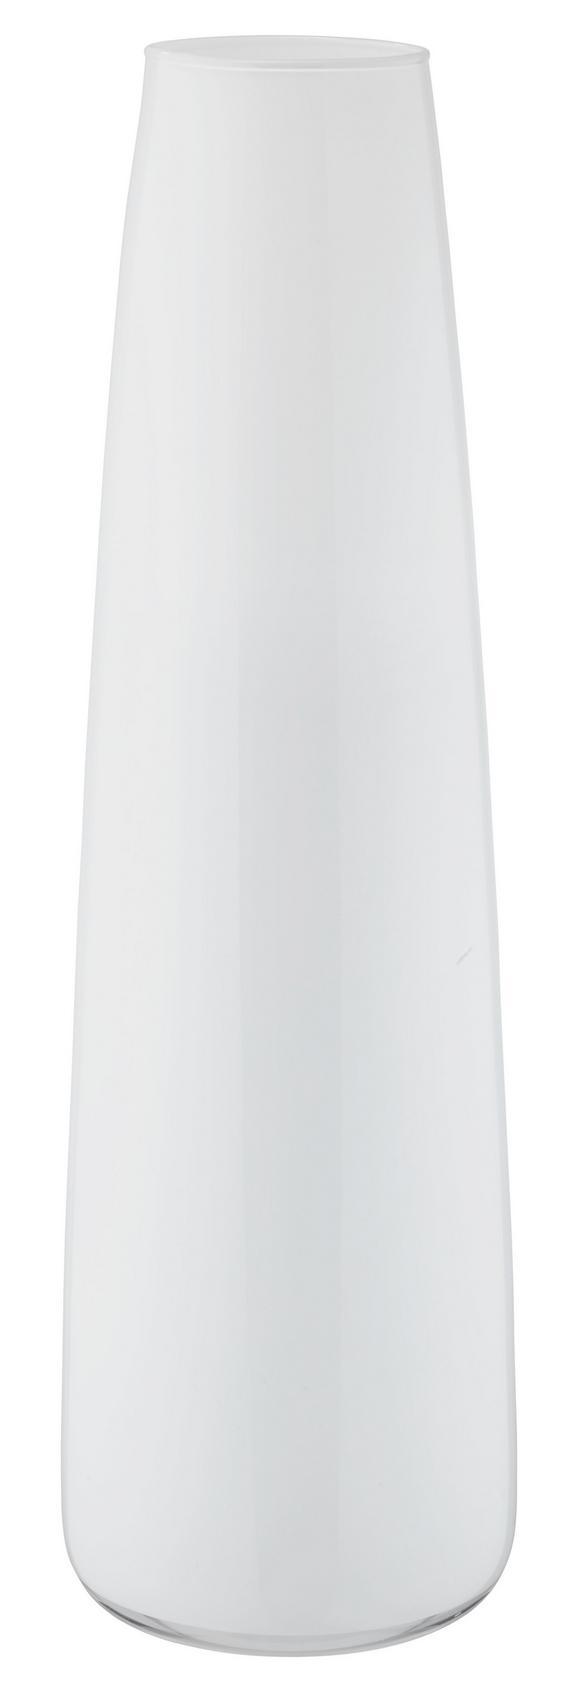 Vaza Jenny - črna/bela, steklo (70cm) - Mömax modern living